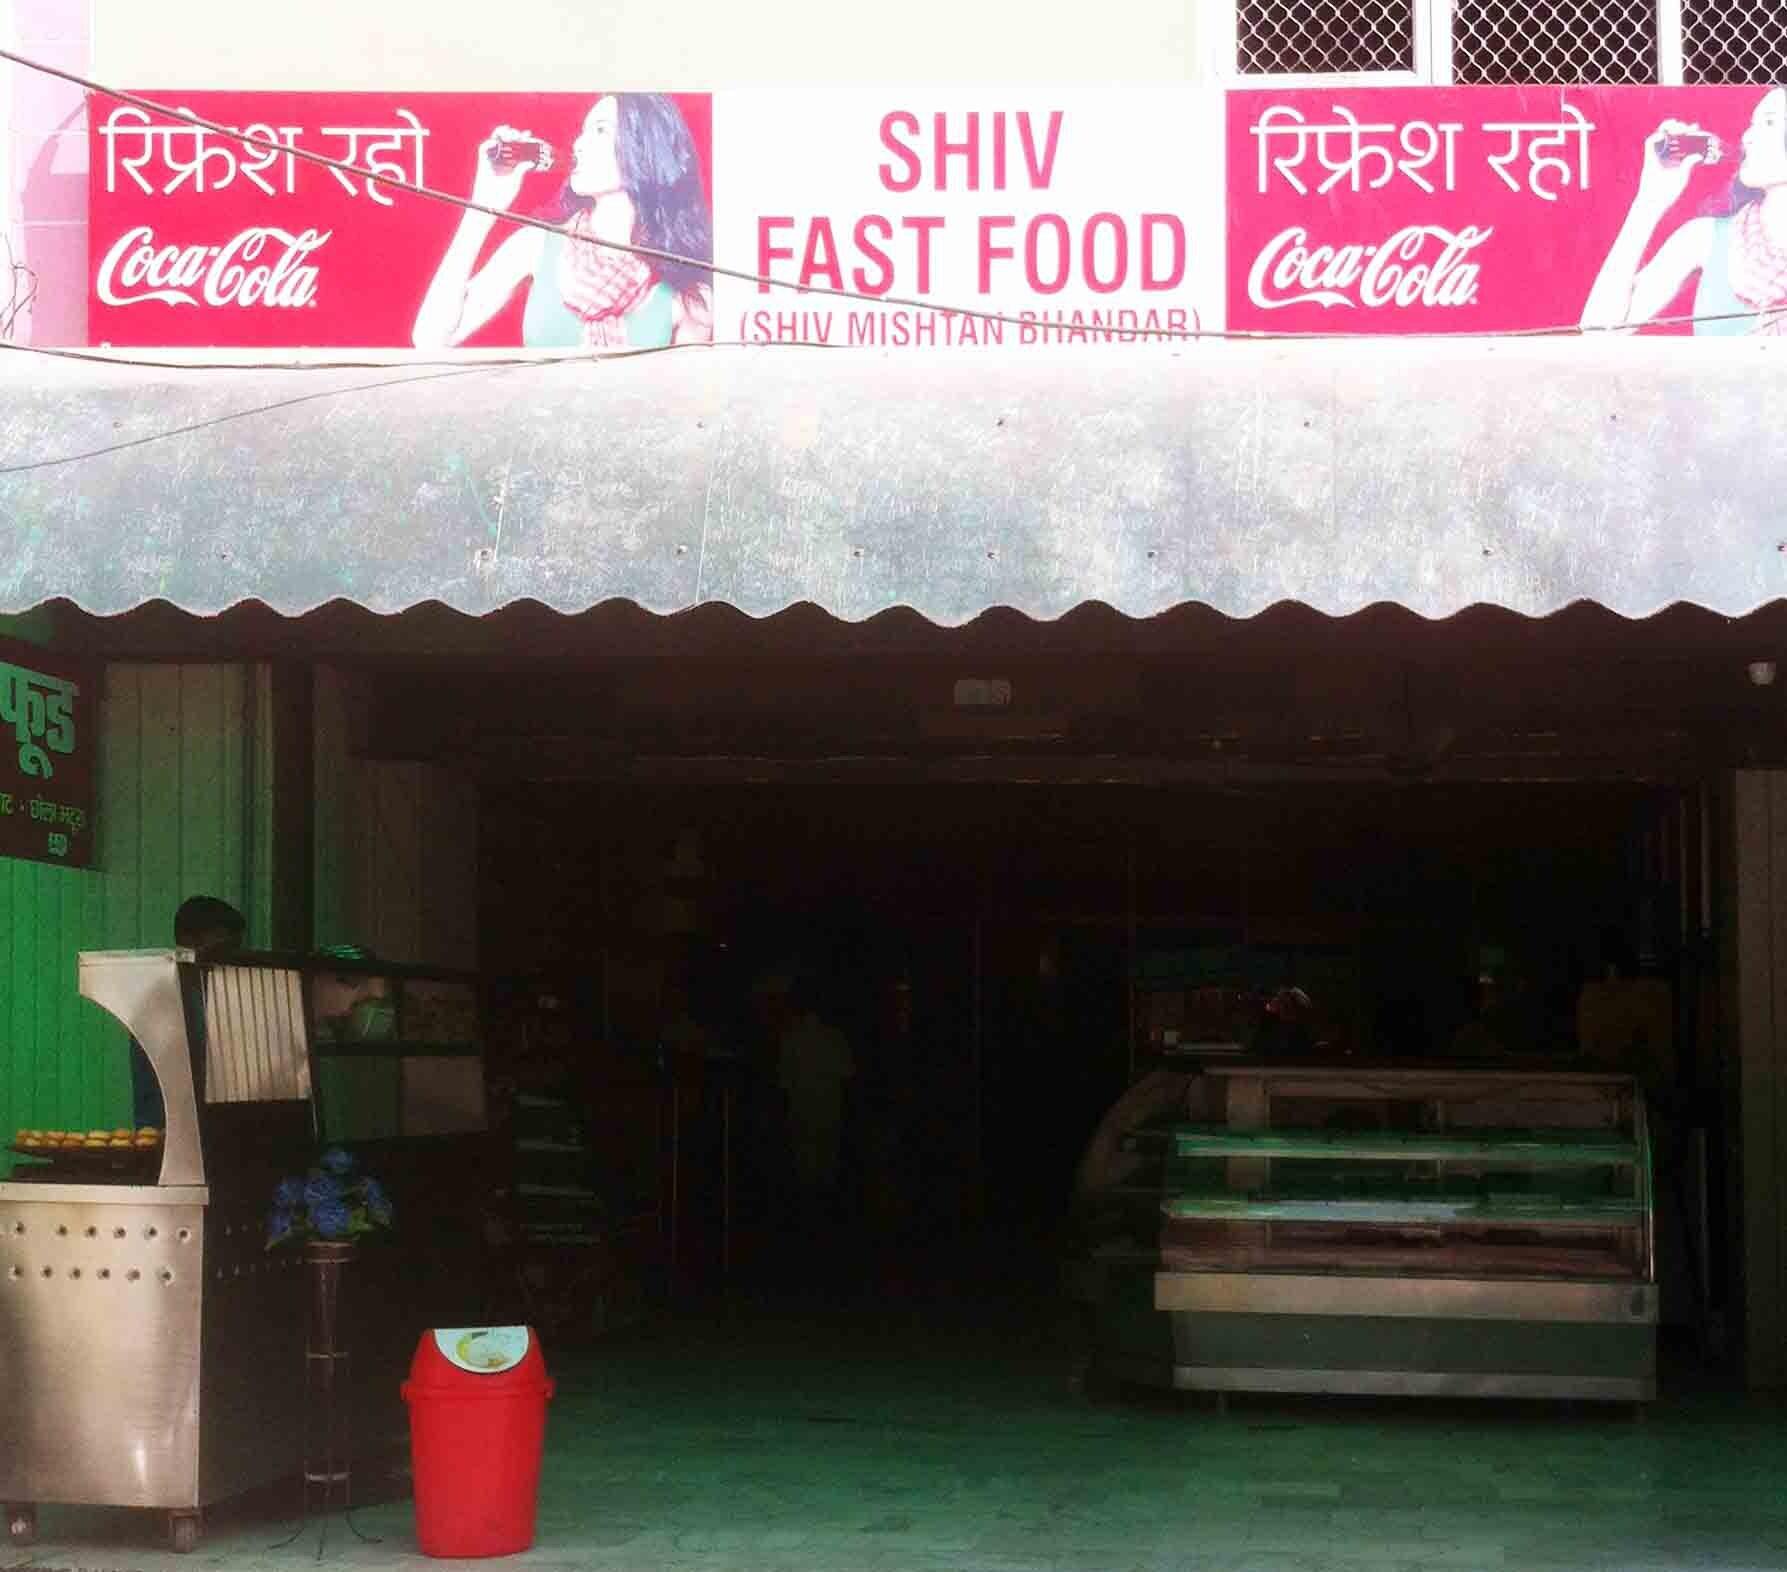 Shiv Fast Food - Panki - Kanpur Image